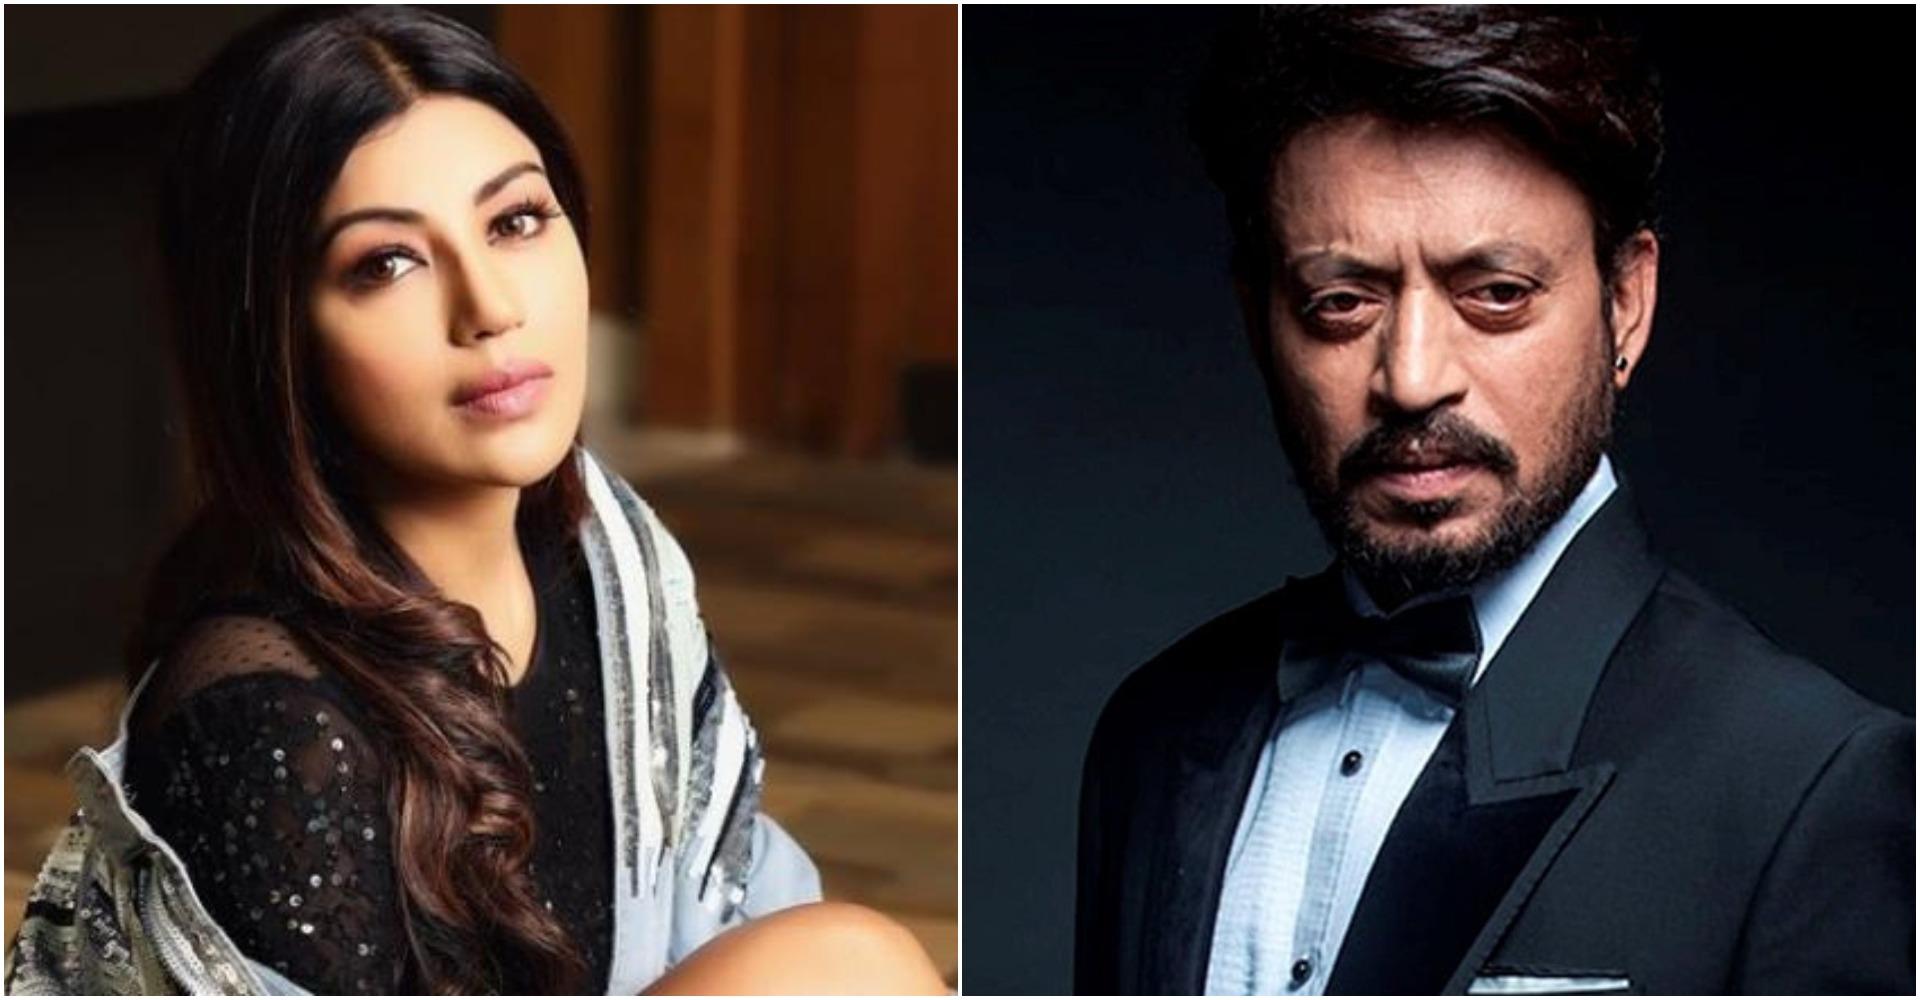 """EXCLUSIVE: इरफान खान की देहांत की खबर सुन दुखी हुई देबिना बनर्जी, कहा-'ऐसा लगा जैसे हमारे परिवार का…"""""""